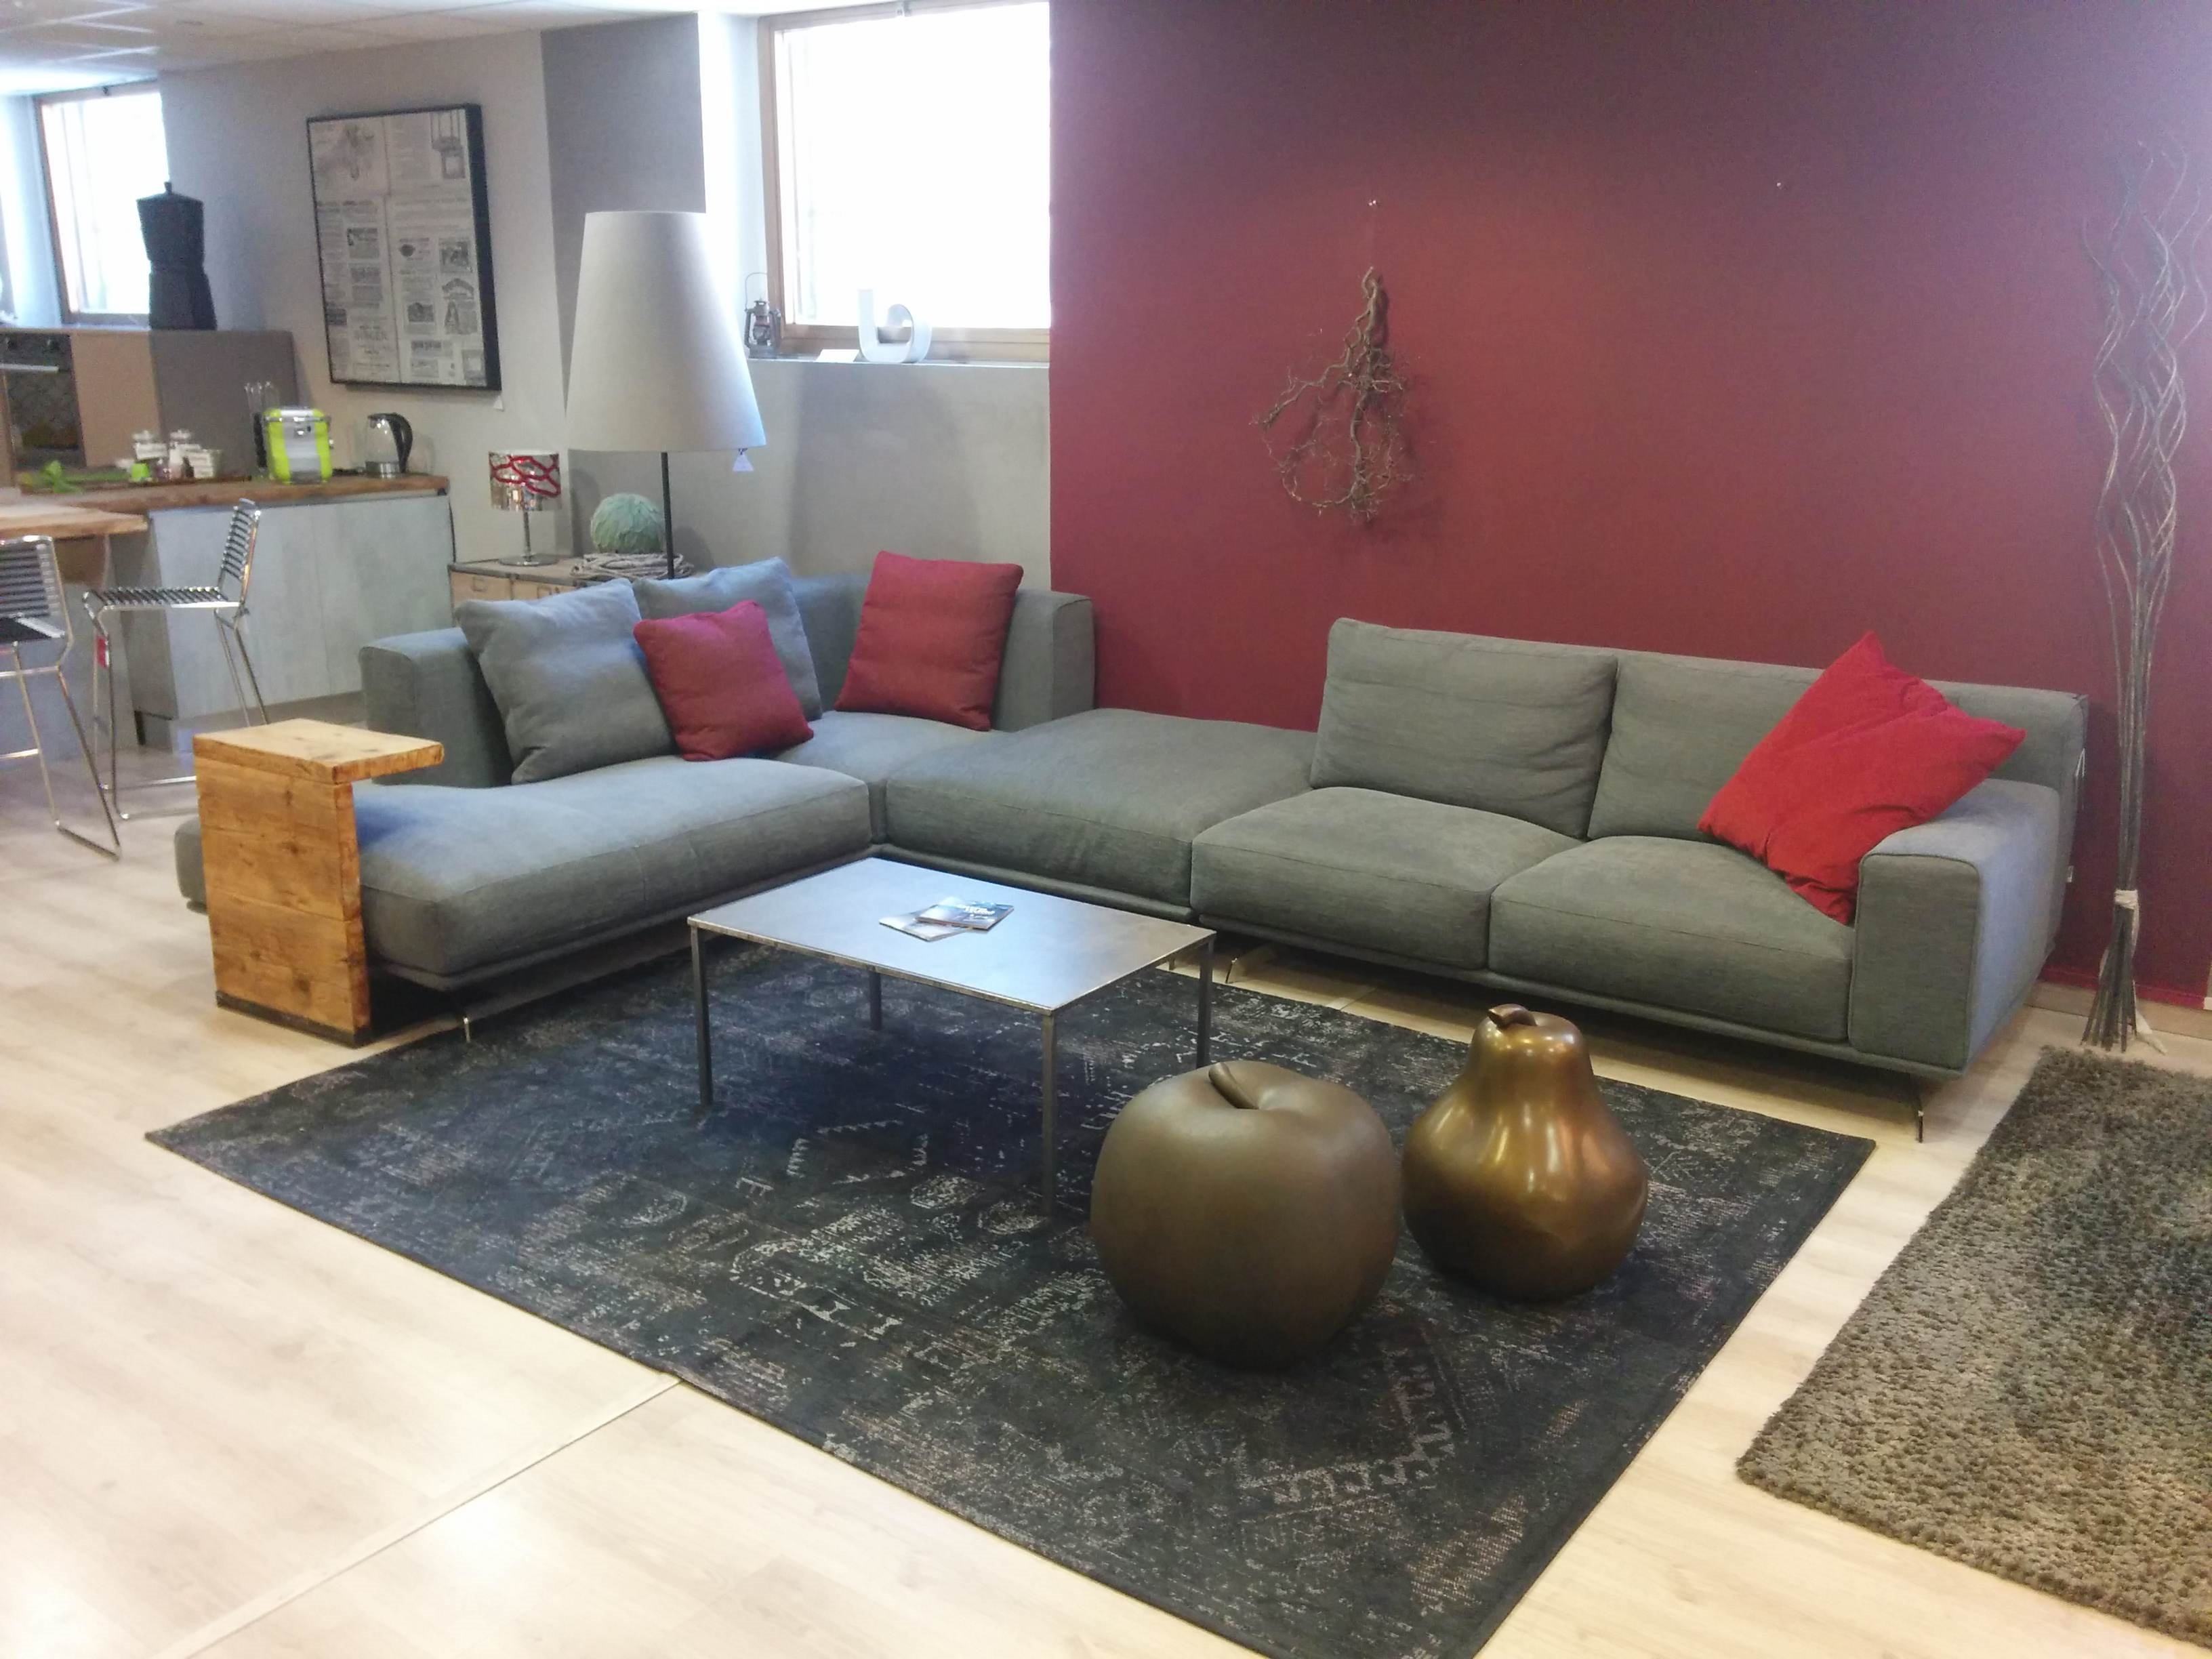 Offerta divano ditre italia modello dalton in tessuto for Divani ditre